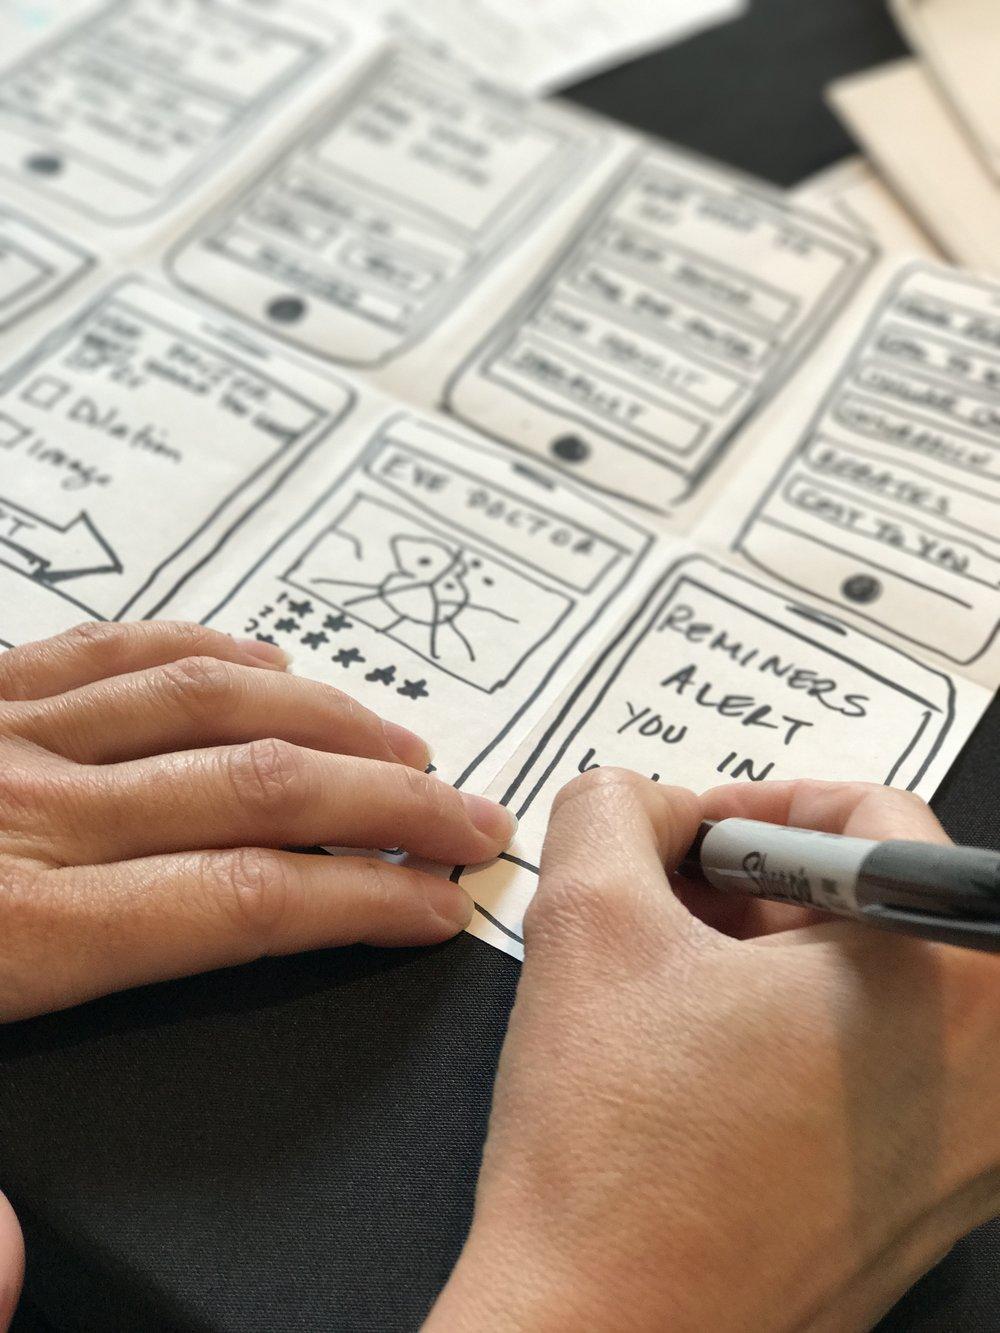 Max Masure Civic Design Strategist Prototype